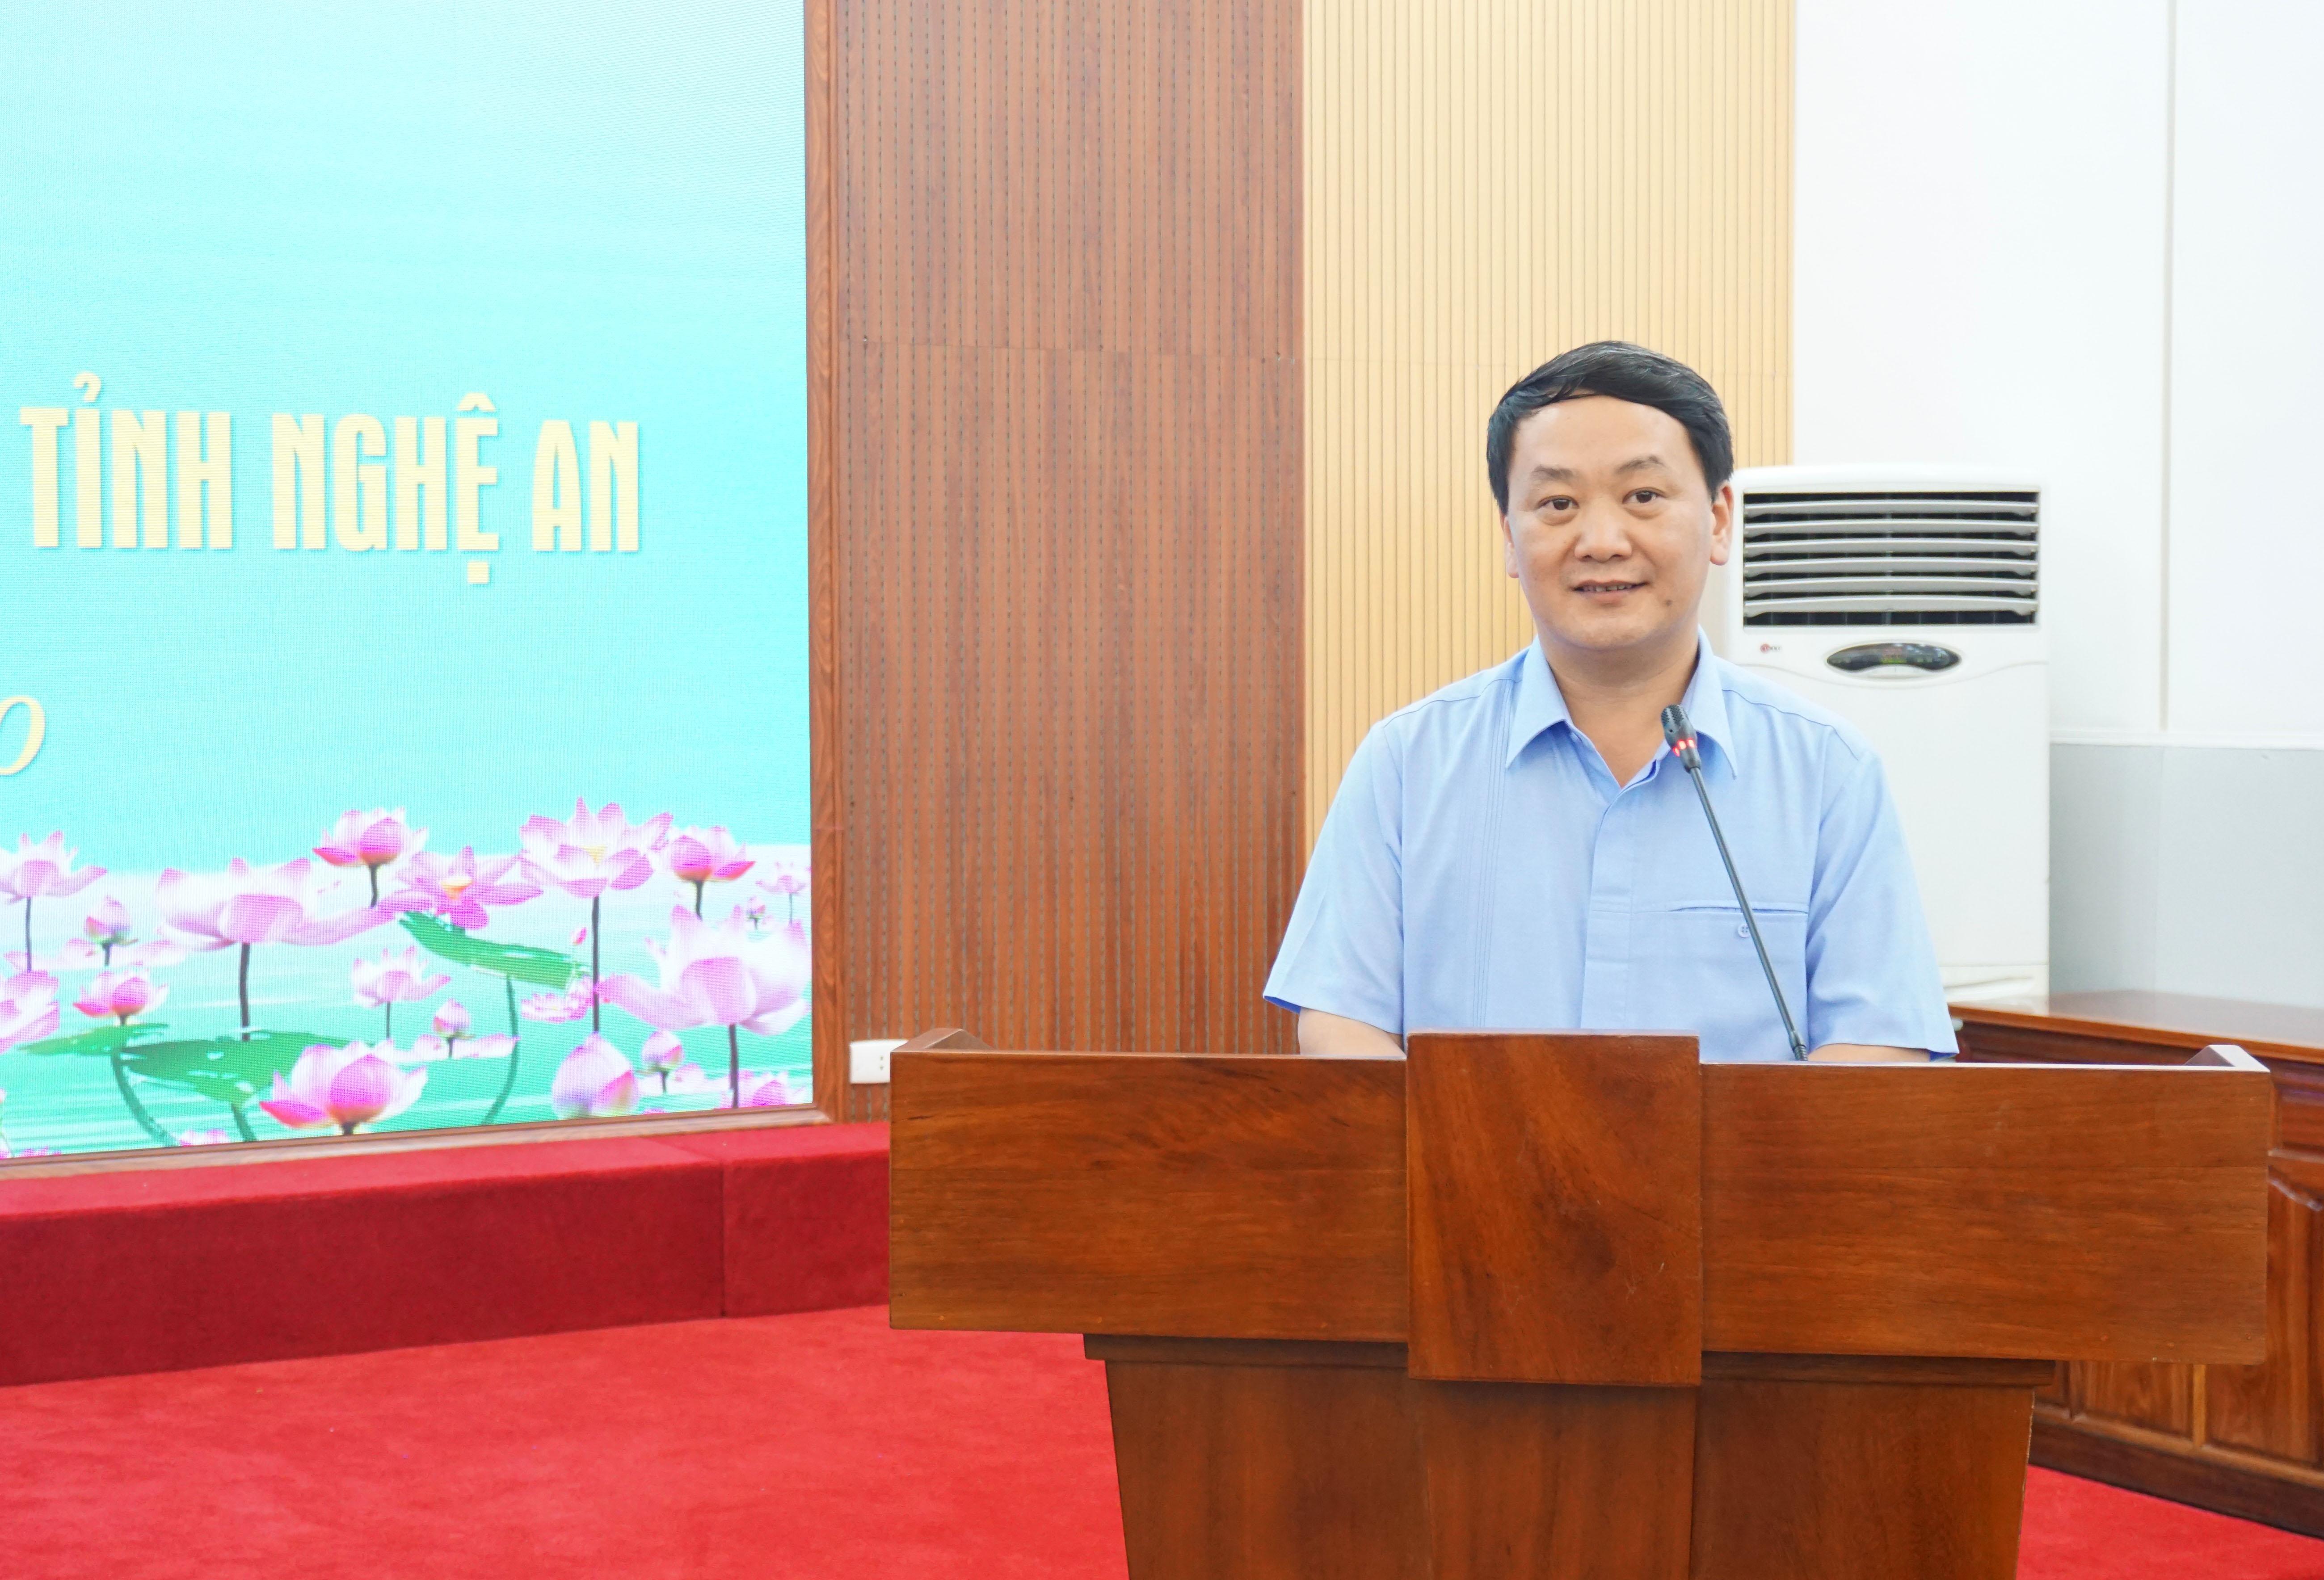 Phó Chủ tịch - Tổng Thư ký Hầu A Lềnh phát biểu tại buổi tiếp đoàn.